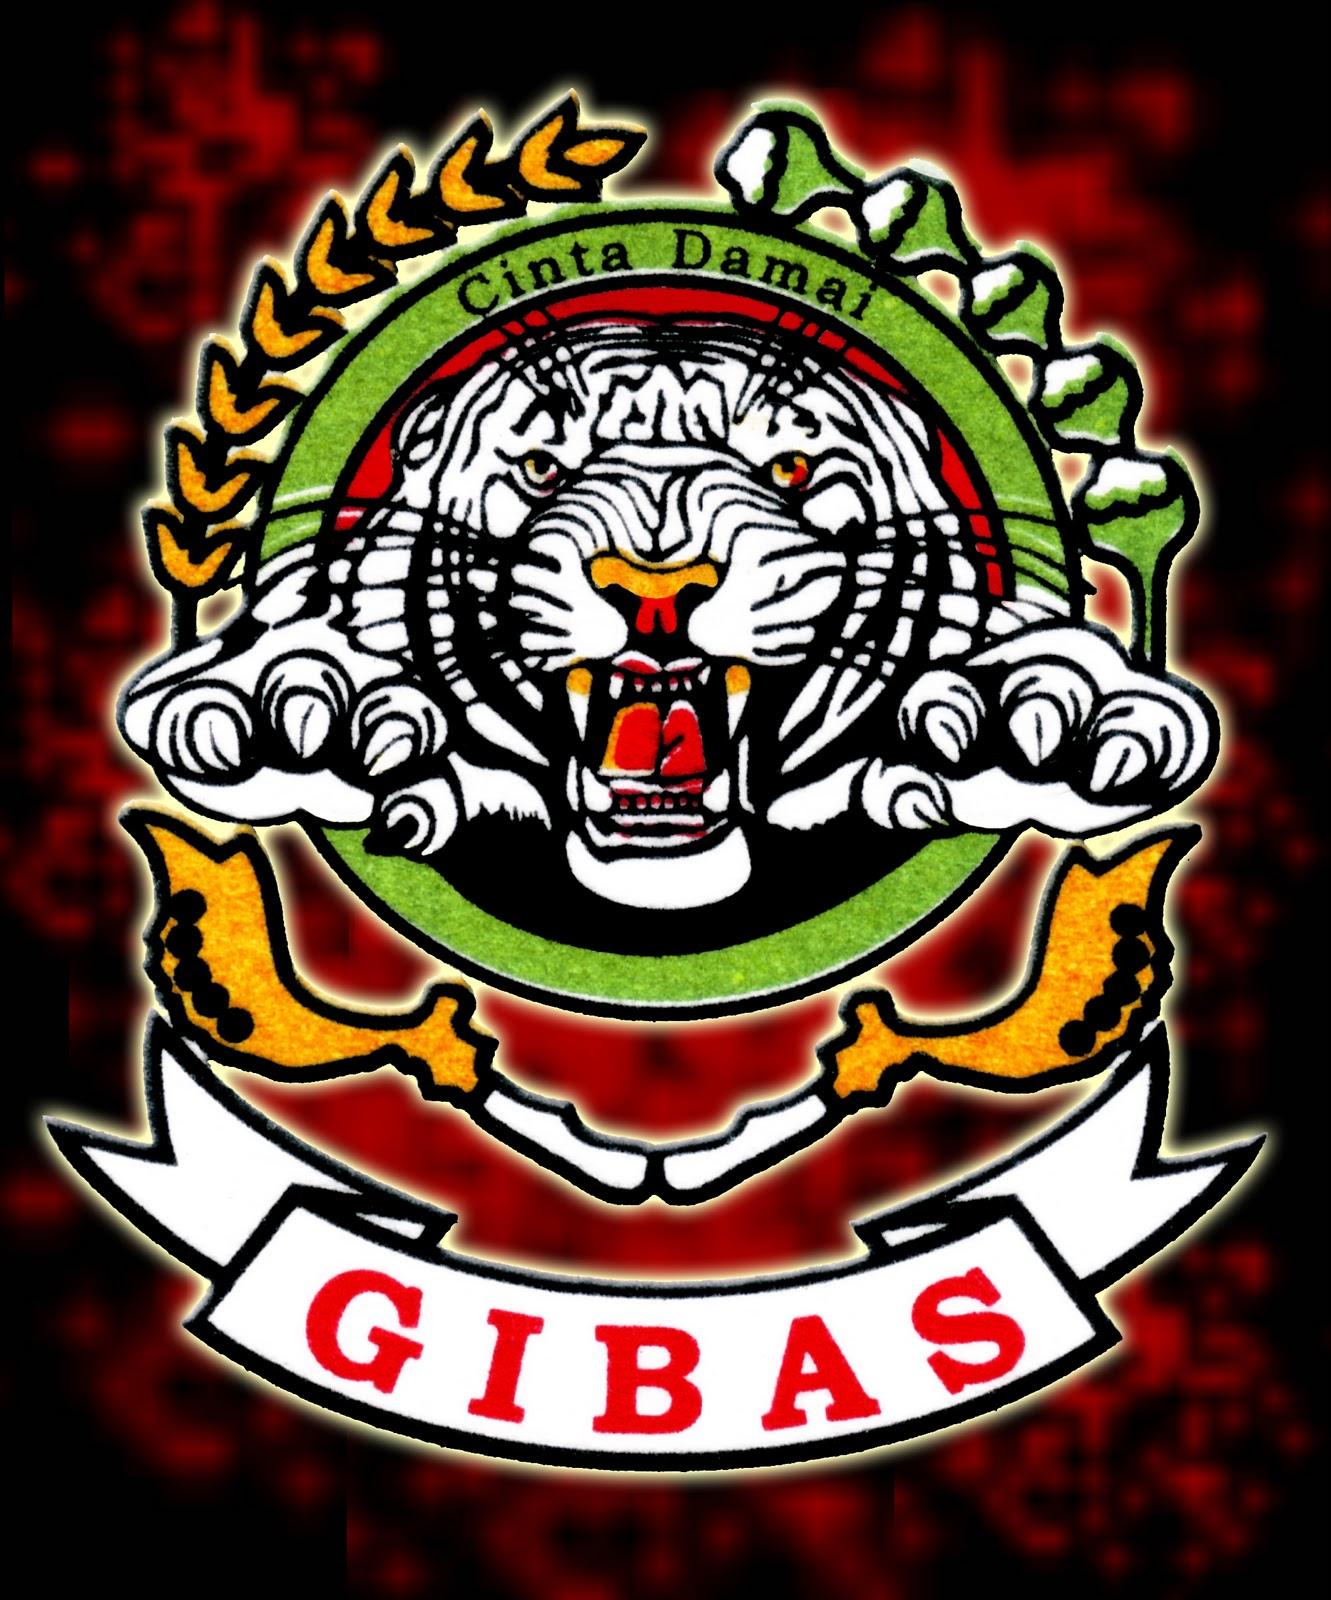 GIBAS Resort Subang